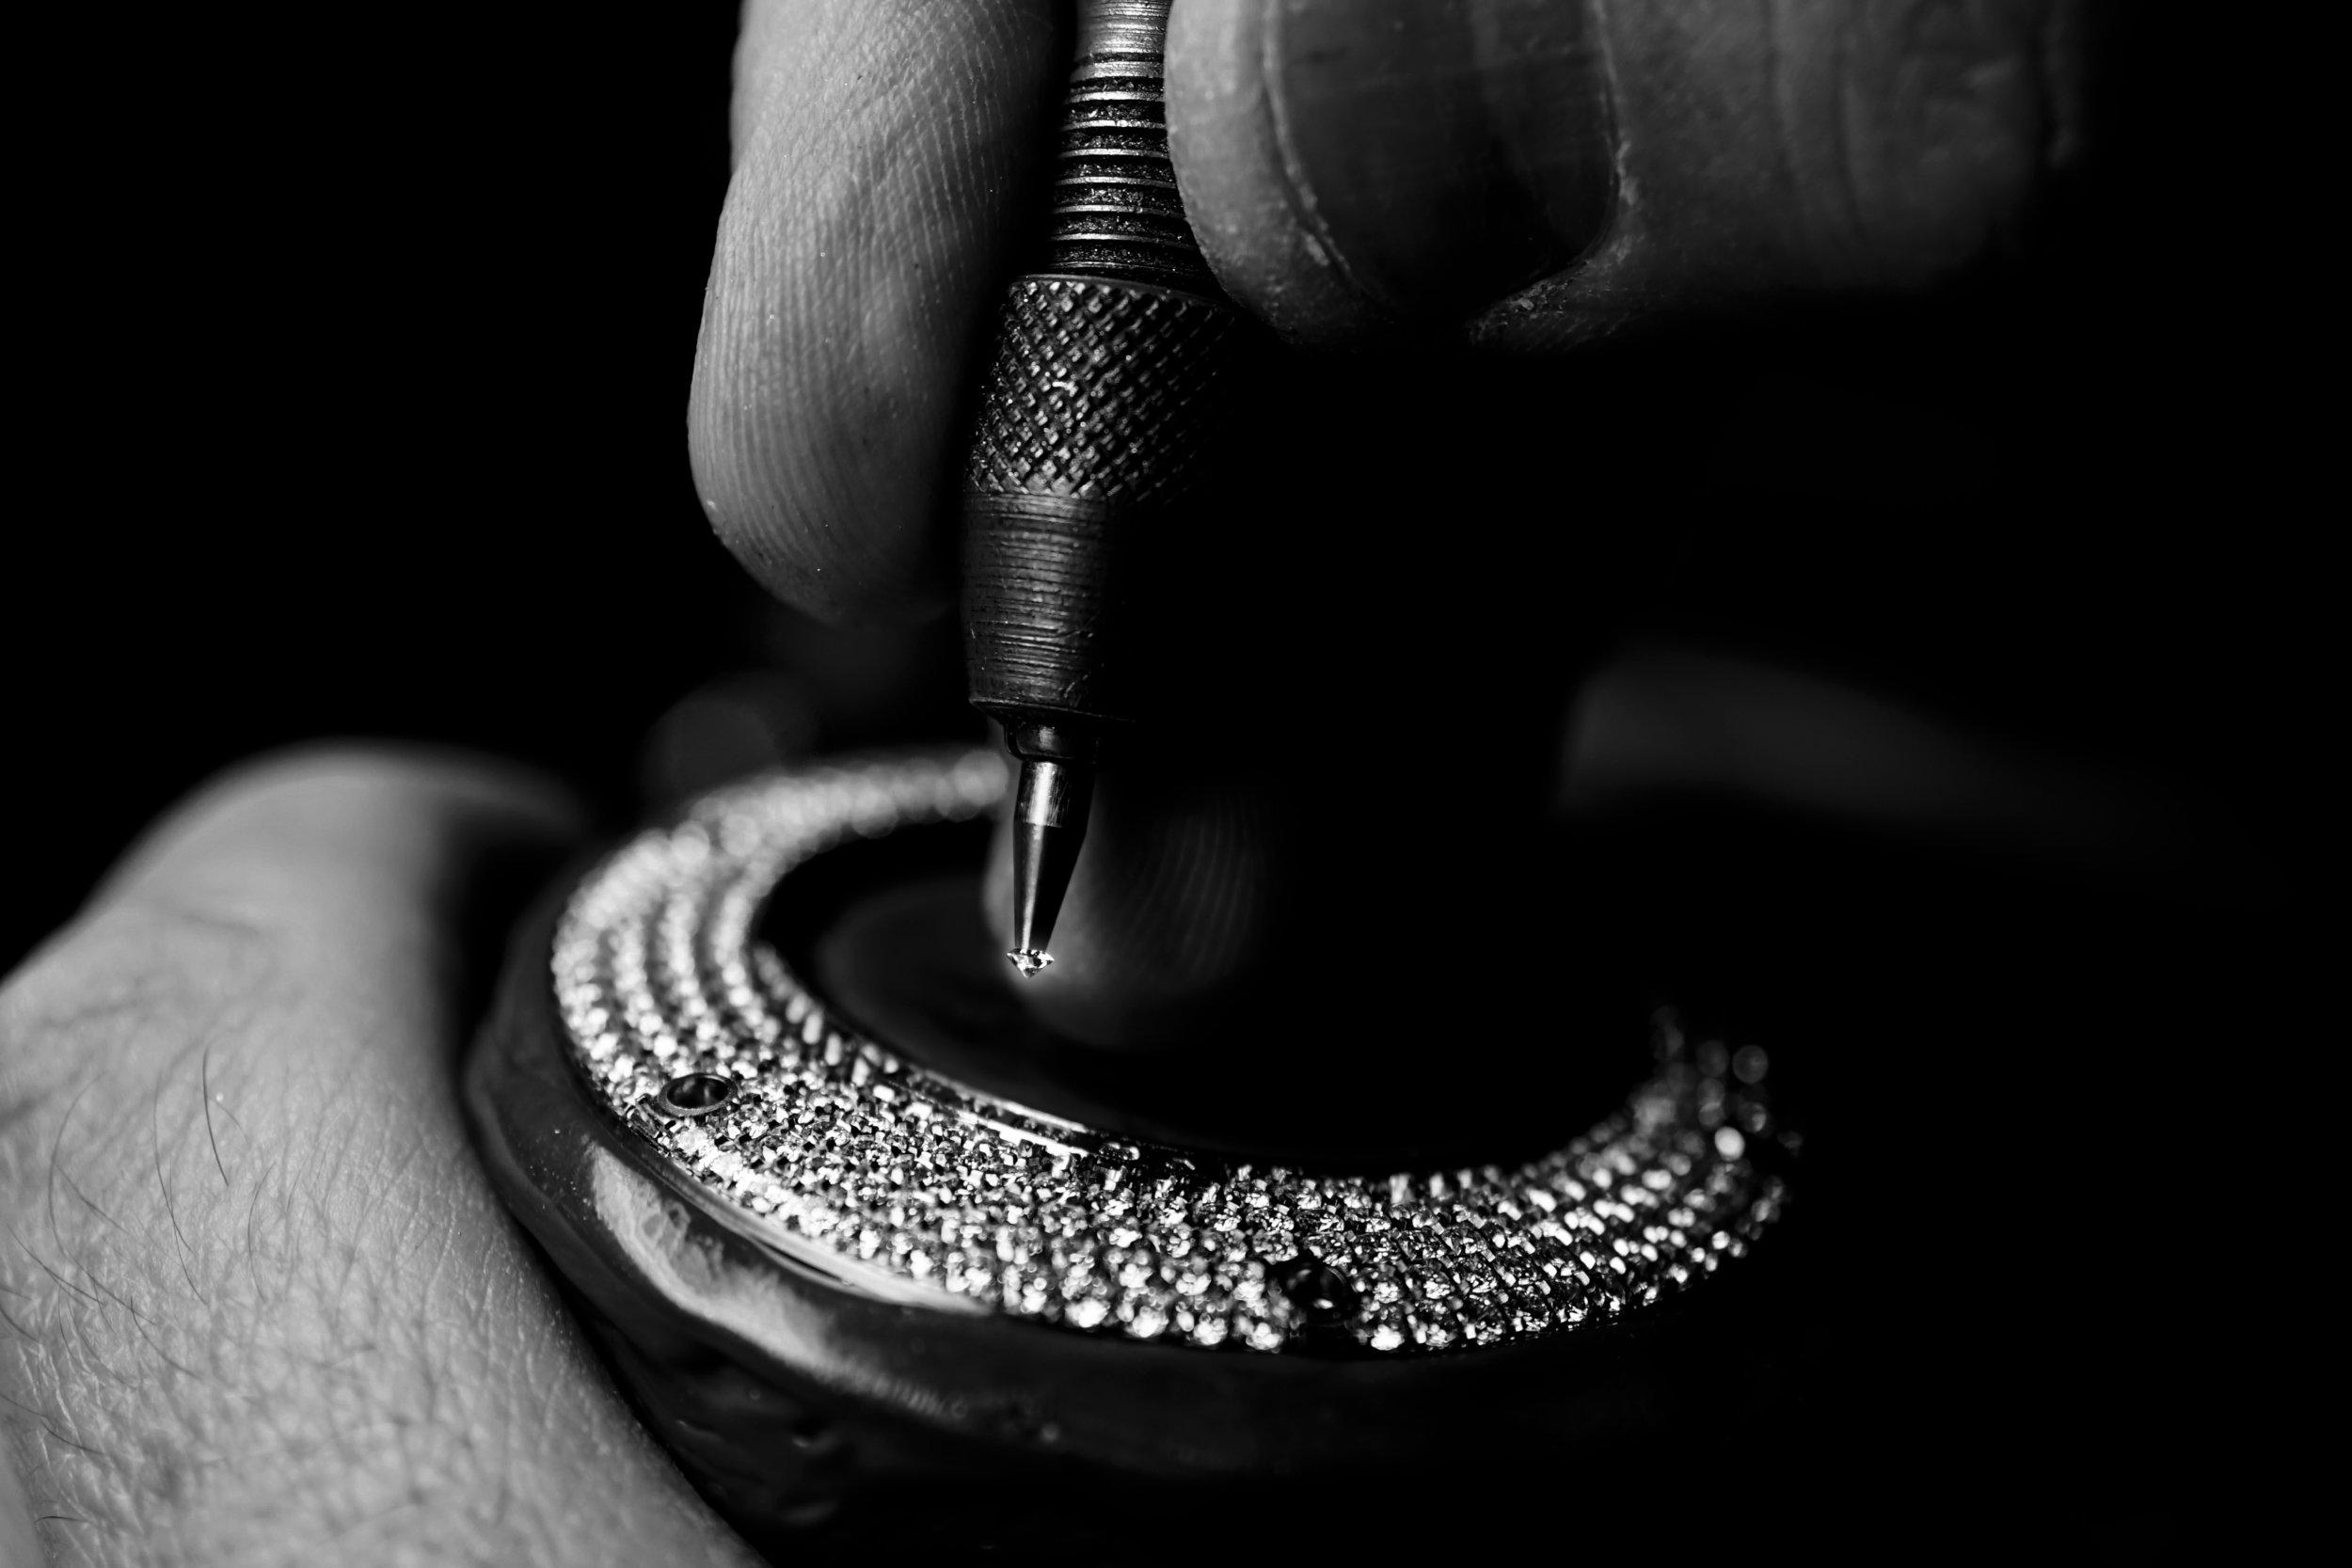 Regent Beau Brummell Tourbillon pocket Watch diamond craftsmanship